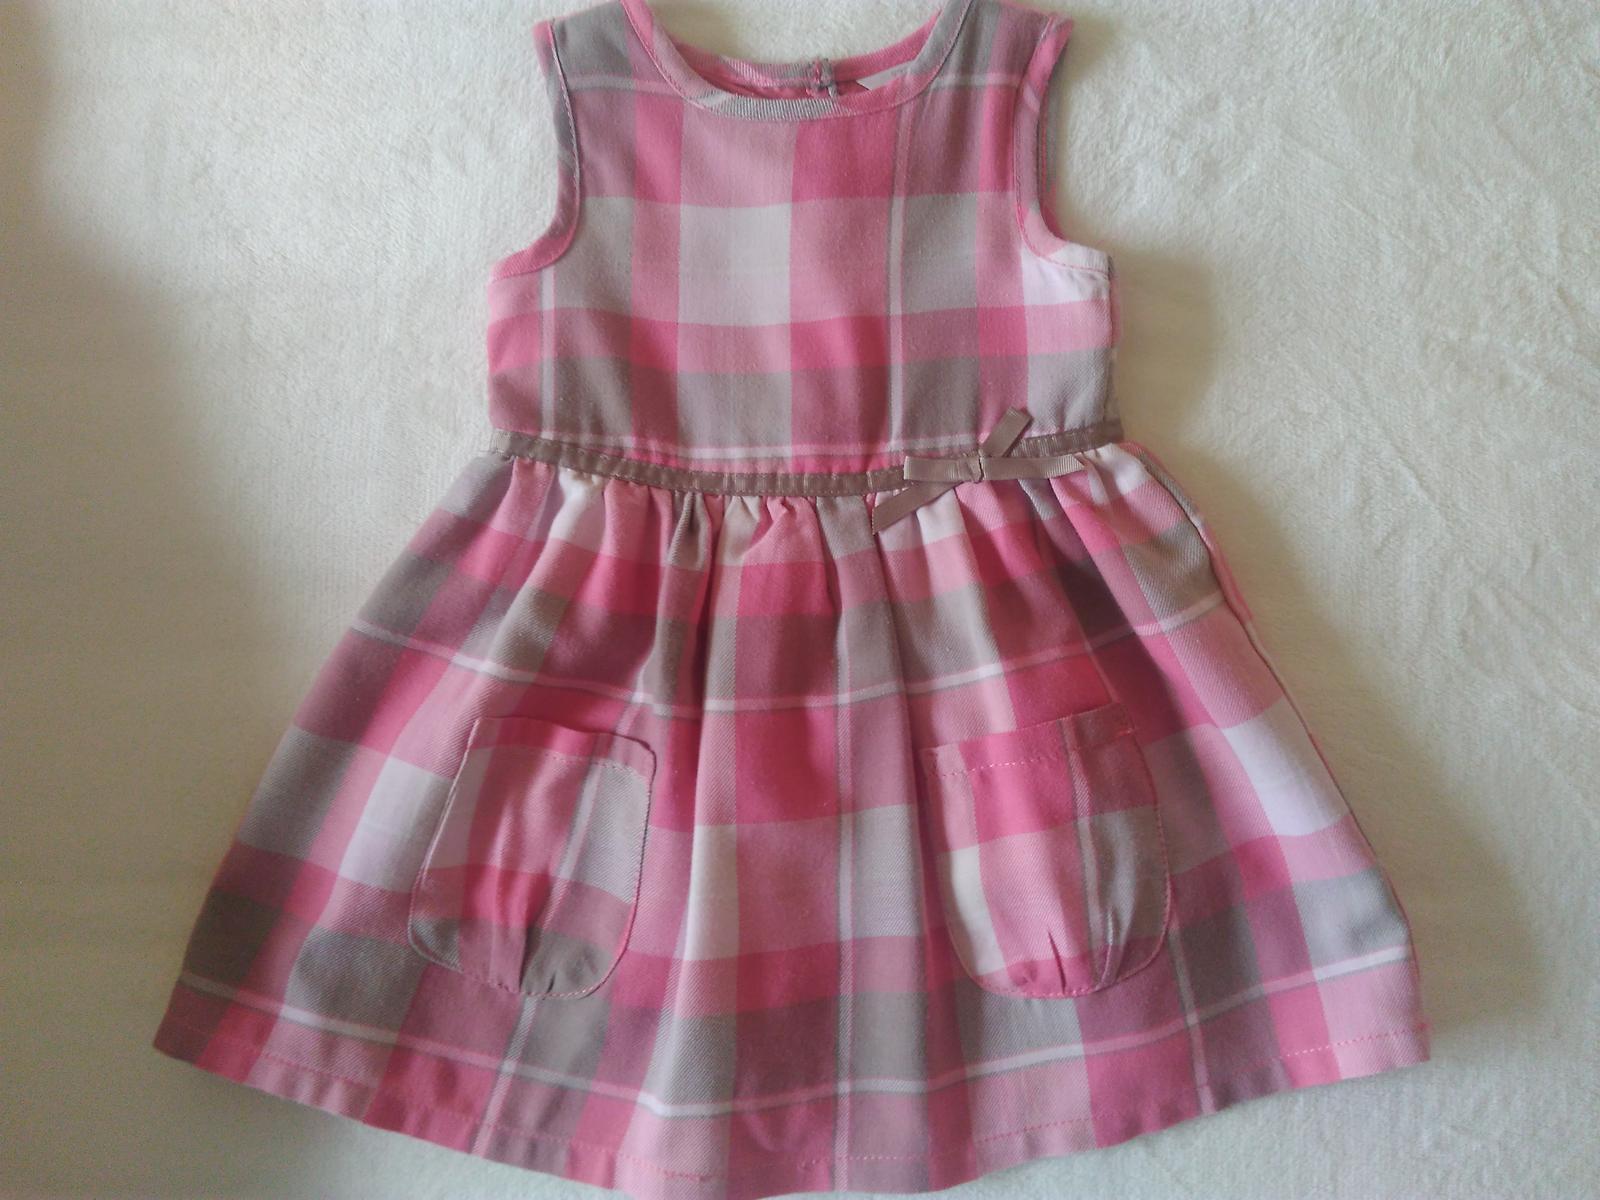 Sváteční šaty vel. 86/92 TOP STAV.  - Obrázek č. 1